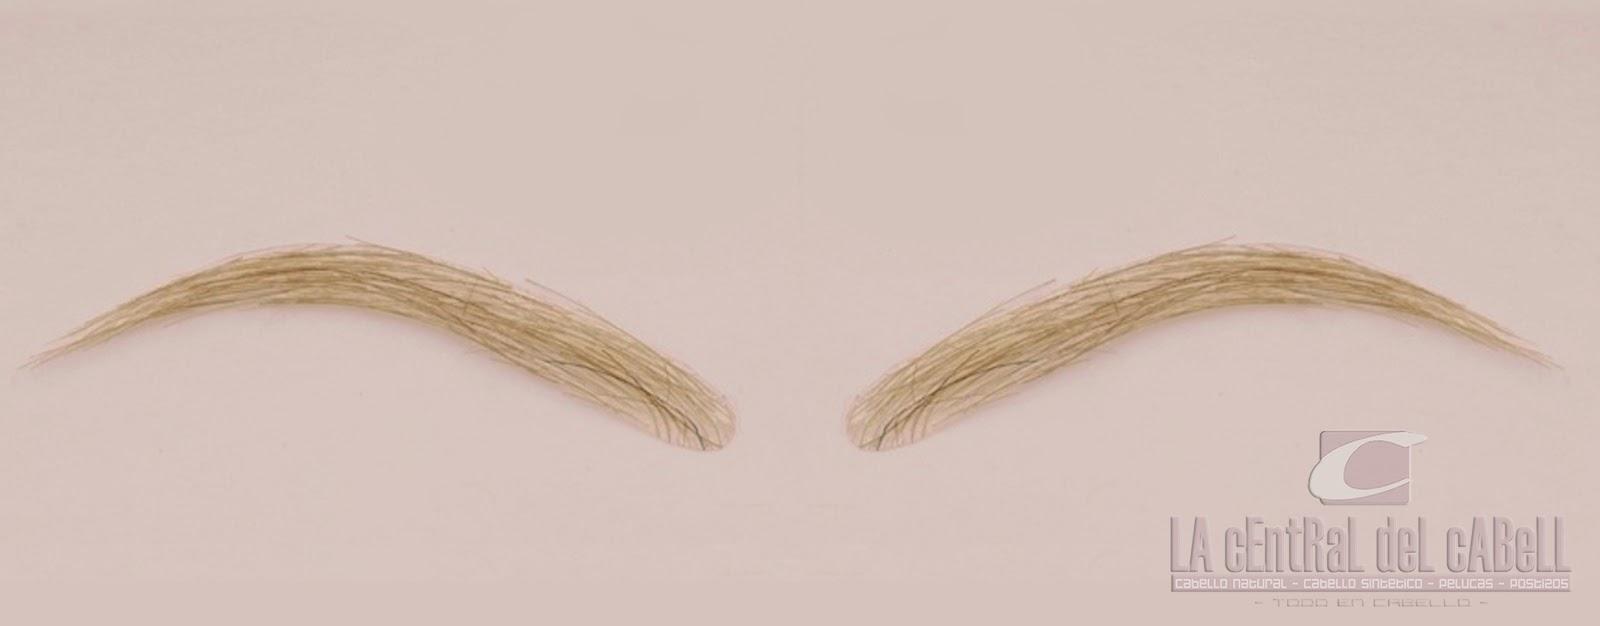 La tintura del pimiento rojo de la caída de los cabello comprar